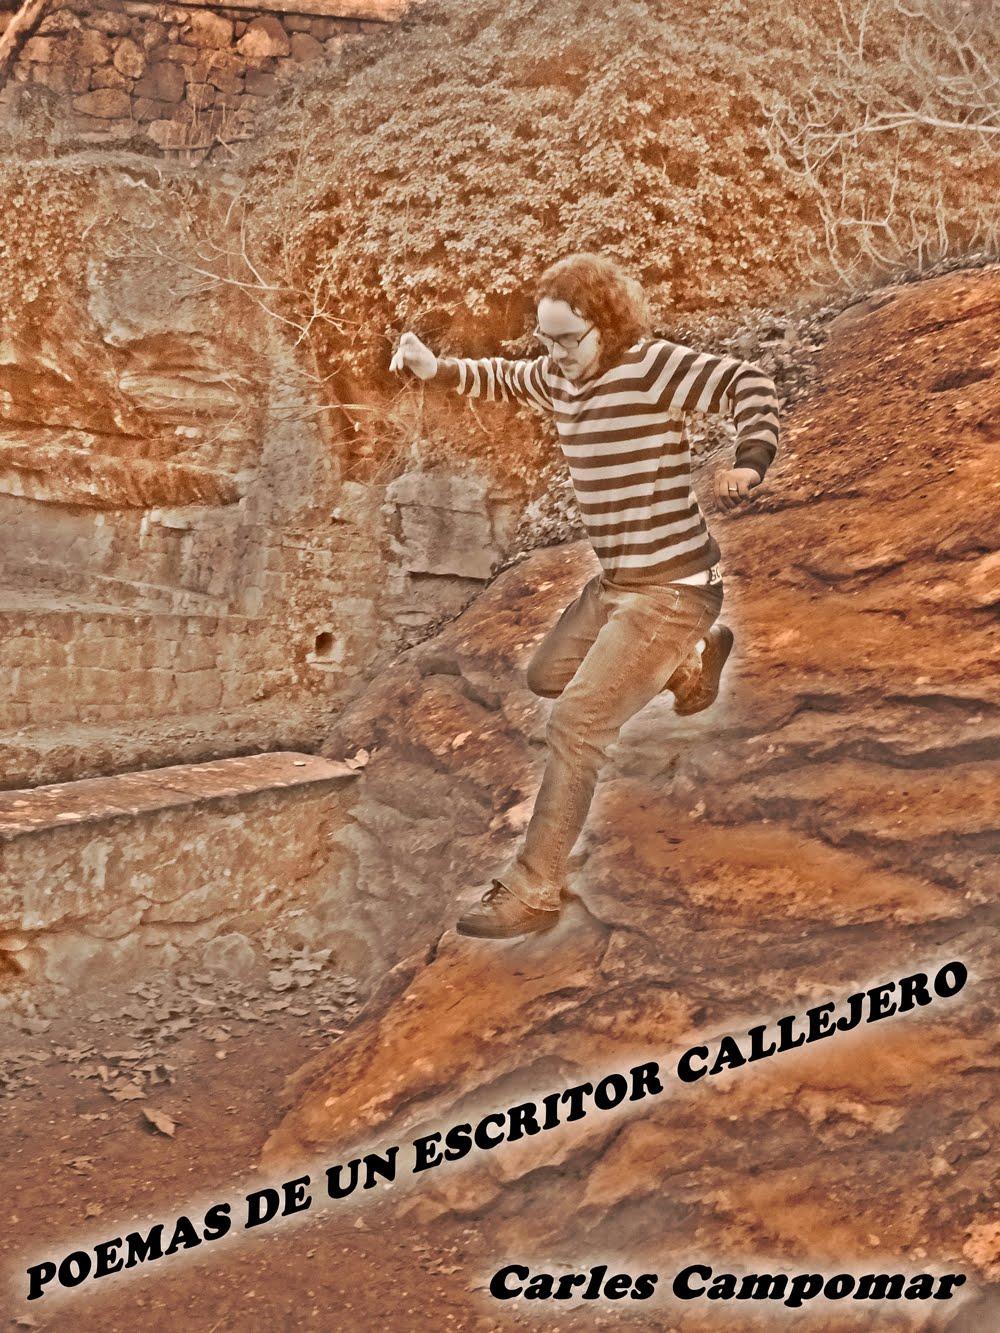 Poemas de un escritor callejero (2012)